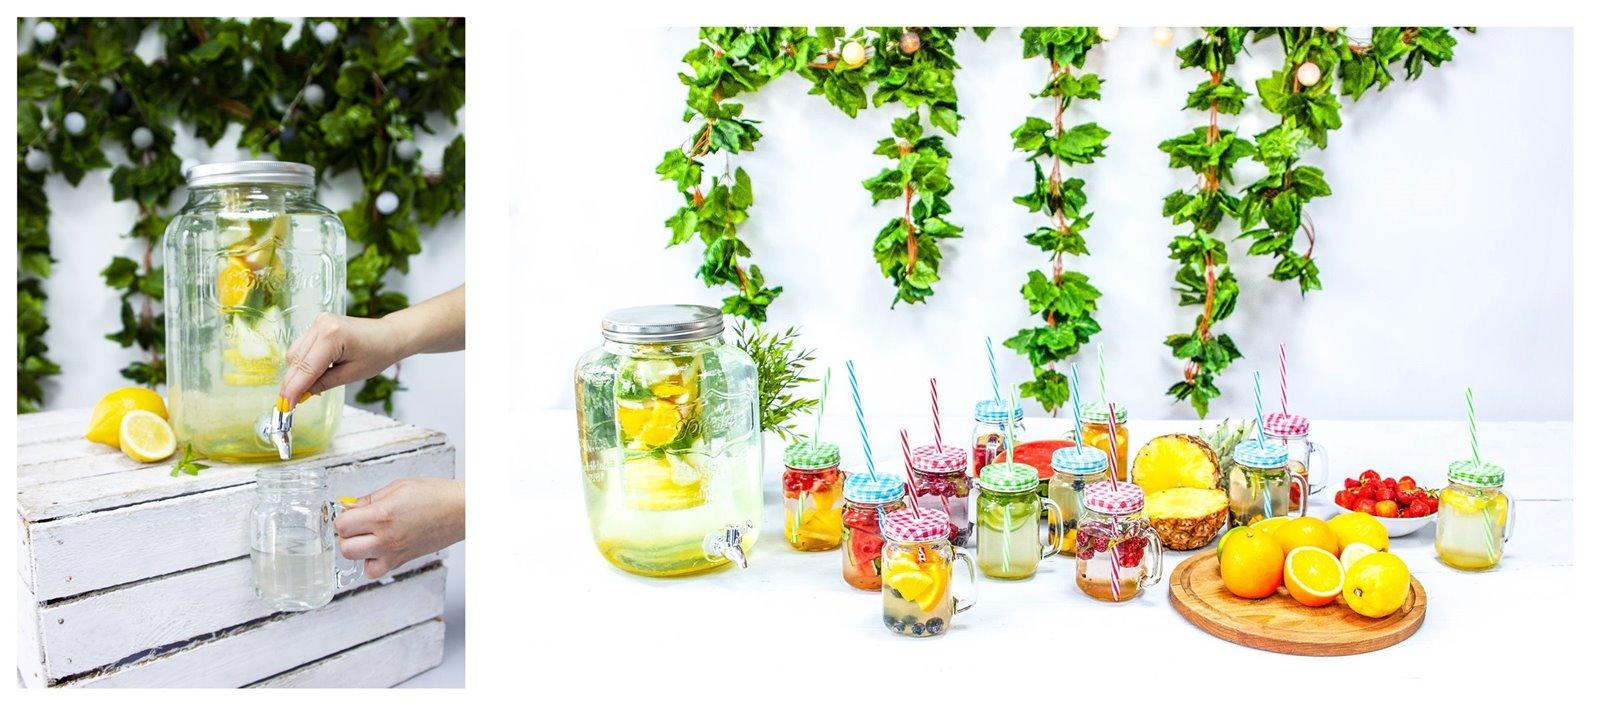 10 blog kulinarny łódź słodkie owoce lemoniady napoje na upał ile pić wody dziennie napoje najlepsze do nawodnienia w upały youtube kulinaria kuchnia przepis inspiracje diy słoik słoiki browin łódź miasto